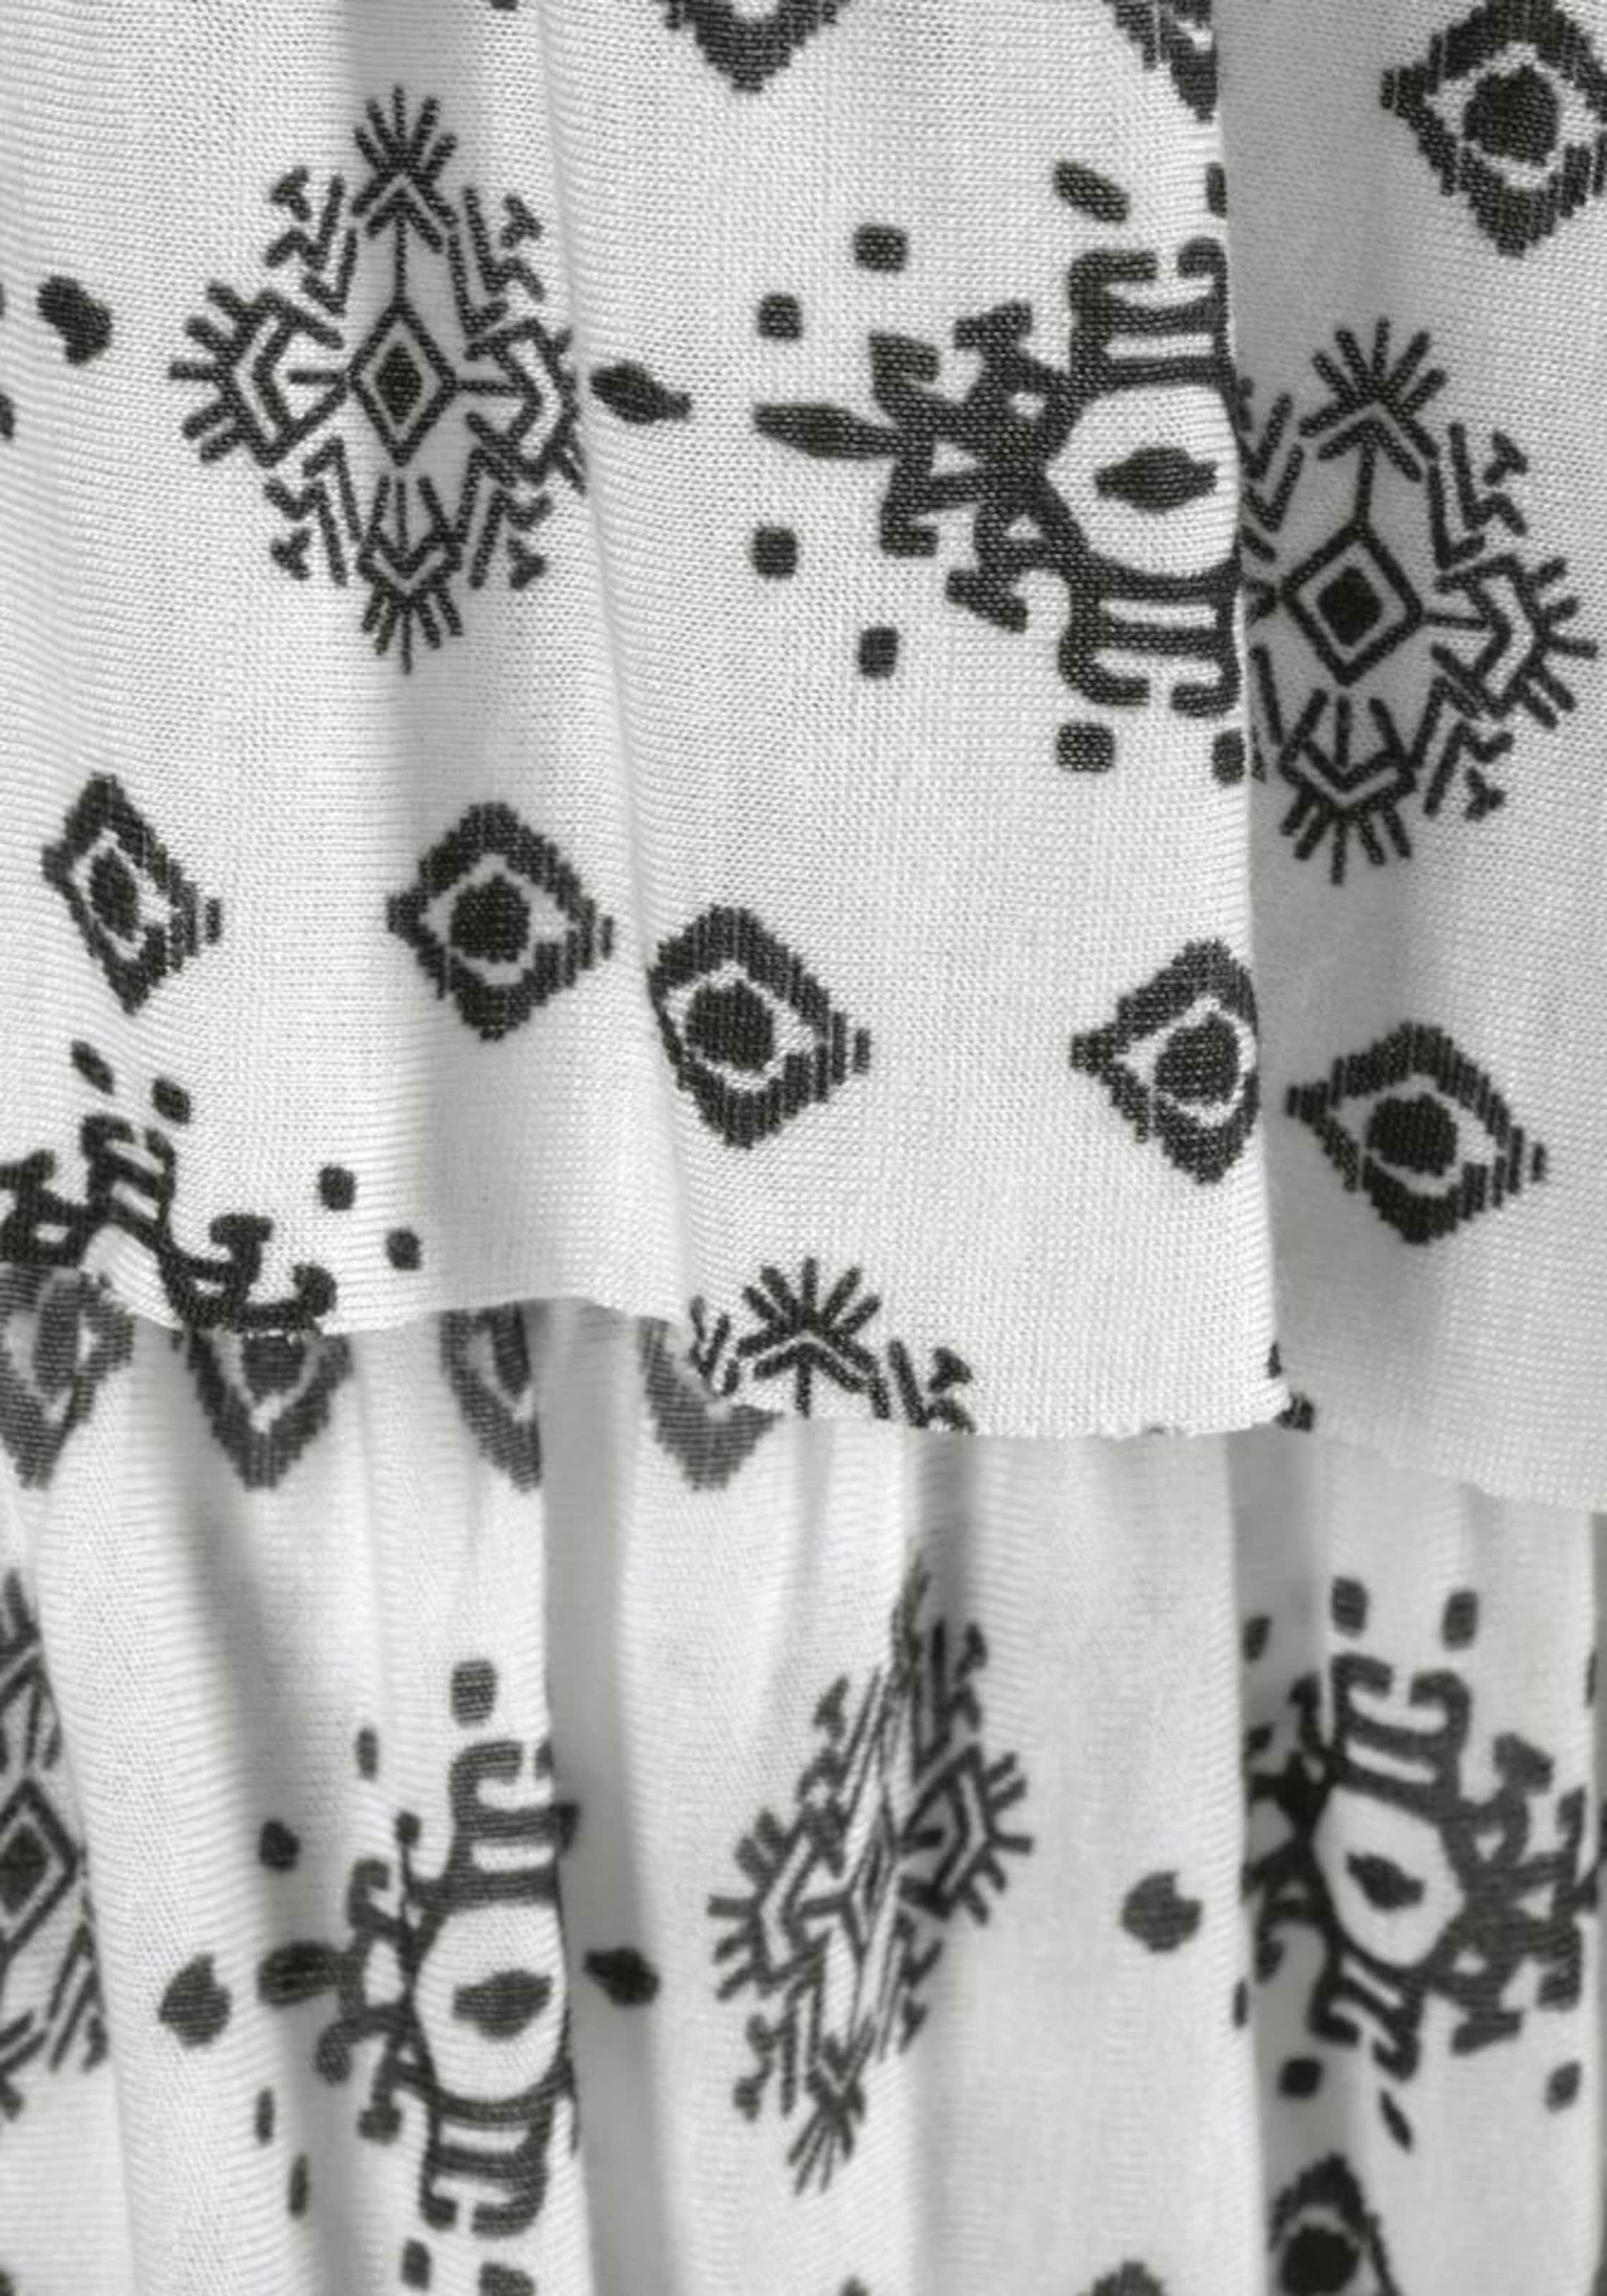 LASCANA Strandkleid mit Volants Billig Verkauf Geniue Händler Genießen Günstig Online 100% Original Spielraum Großer Rabatt Billig Verkauf Limitierter Auflage nN4Pou